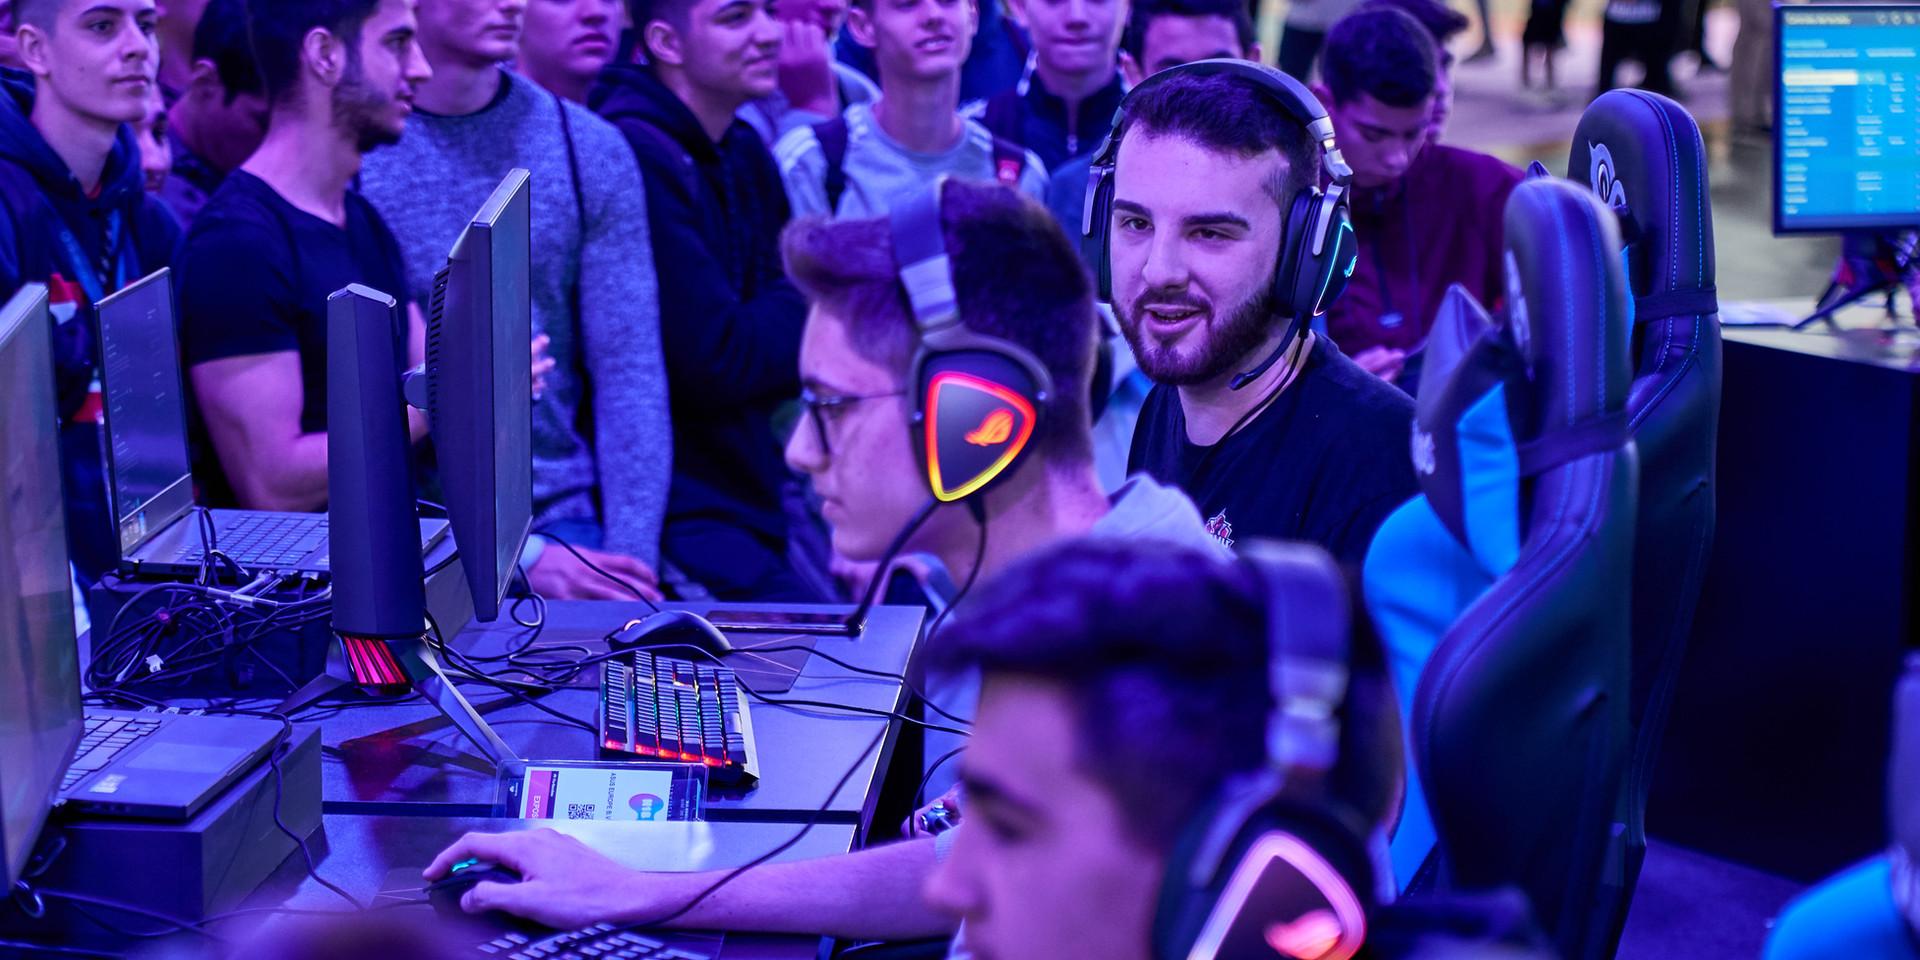 FOTOGRAFÍA  Y VIDEO EVENTO NICEONEBARCELONA N1B REPUBLIC OF GAMERS GAMING EVENT_13